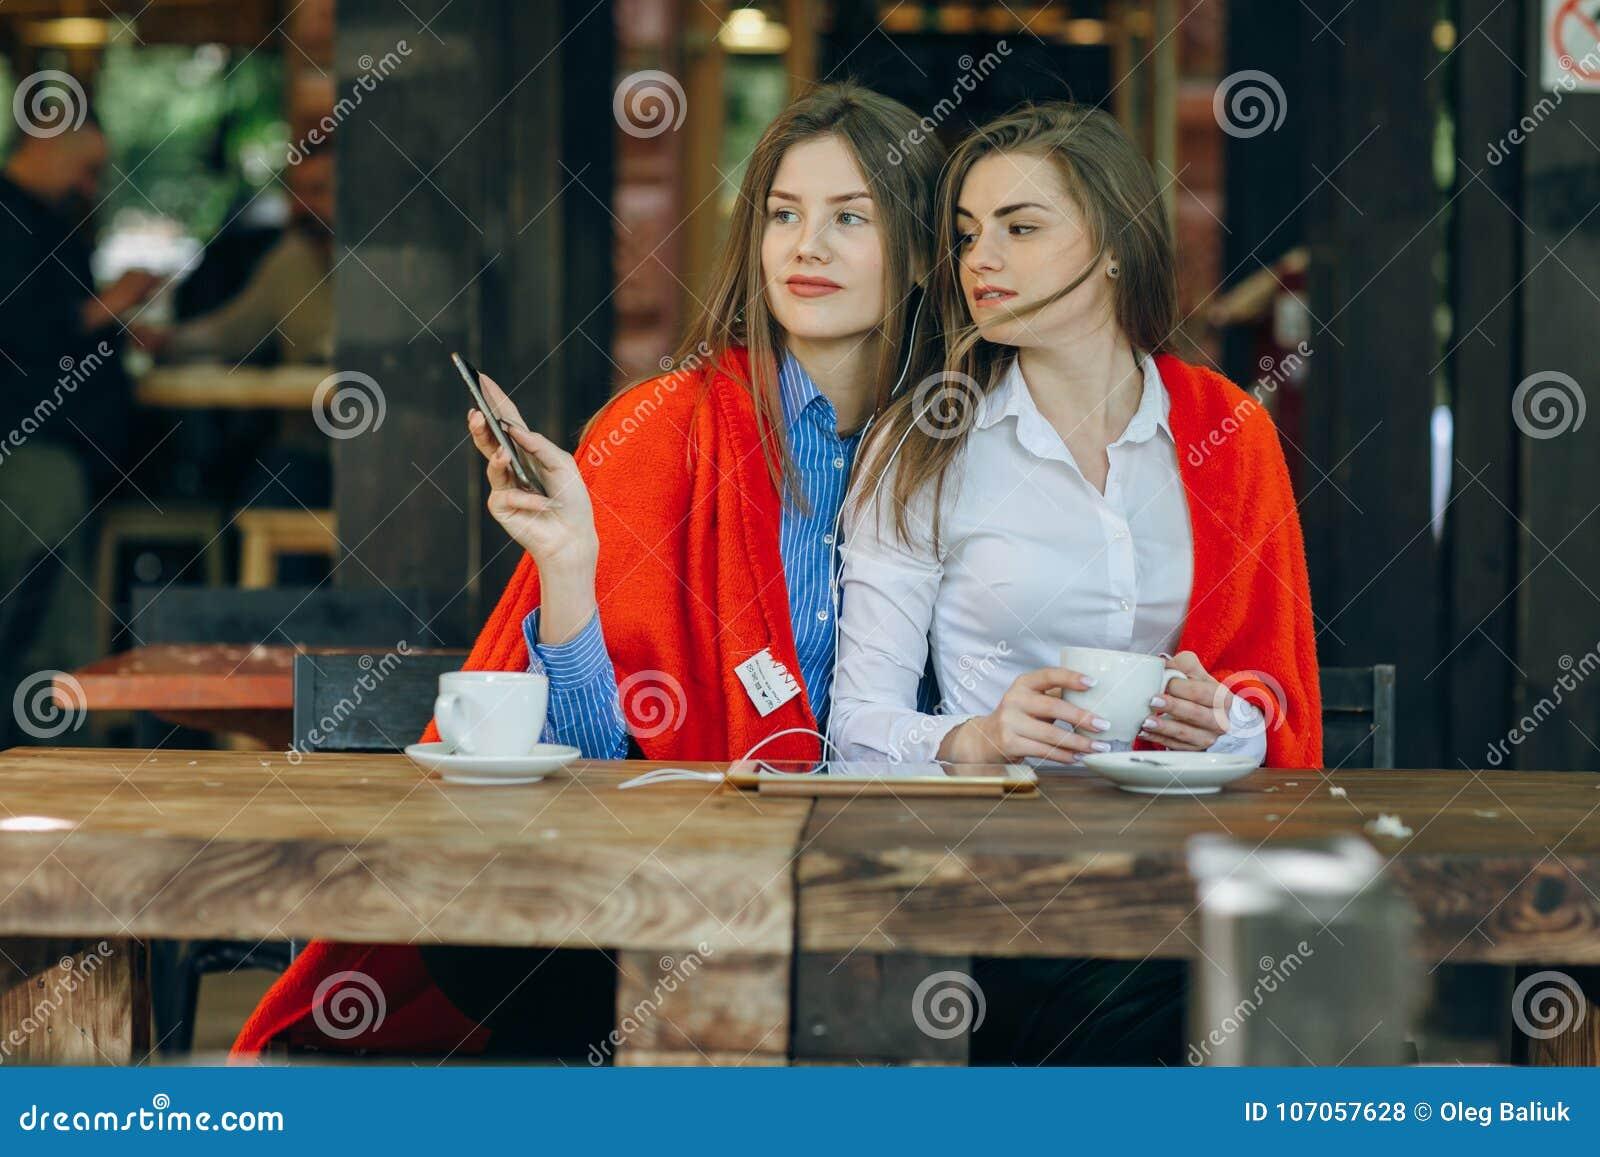 Девушки на работу в кафе работа в челябинске для девушки